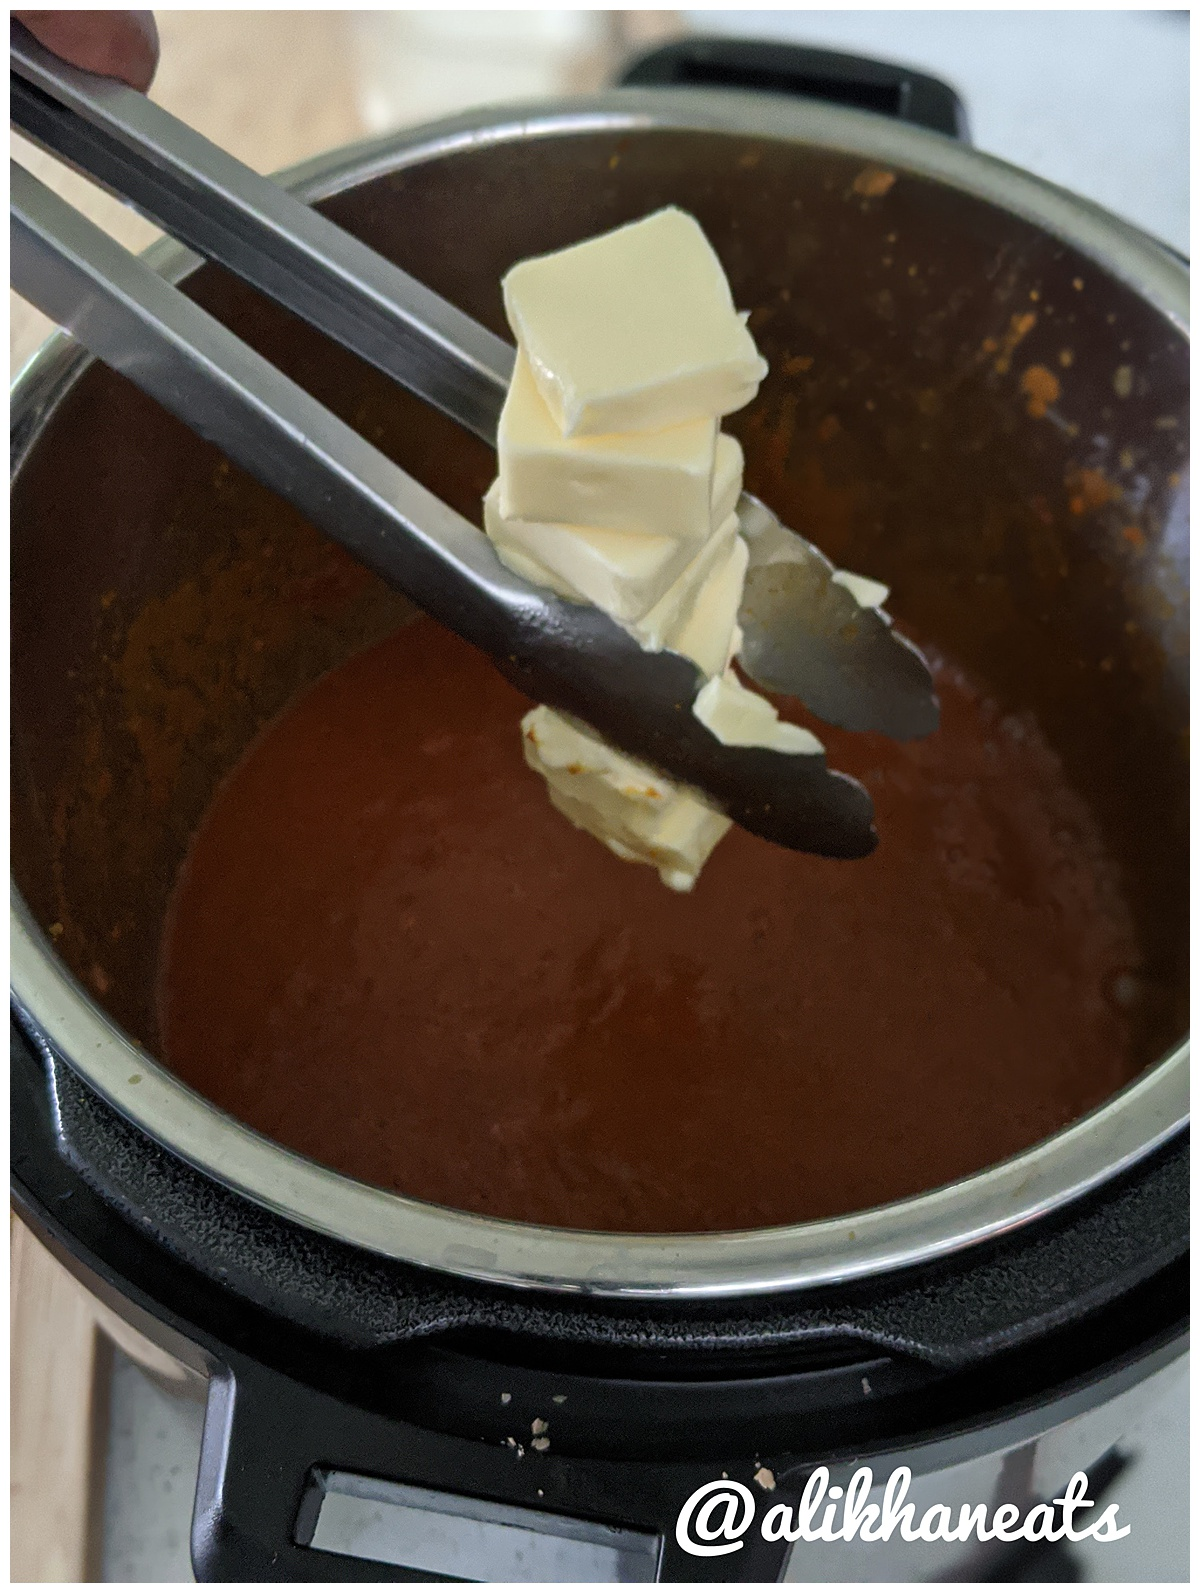 Butter Chicken recipe adding the butter